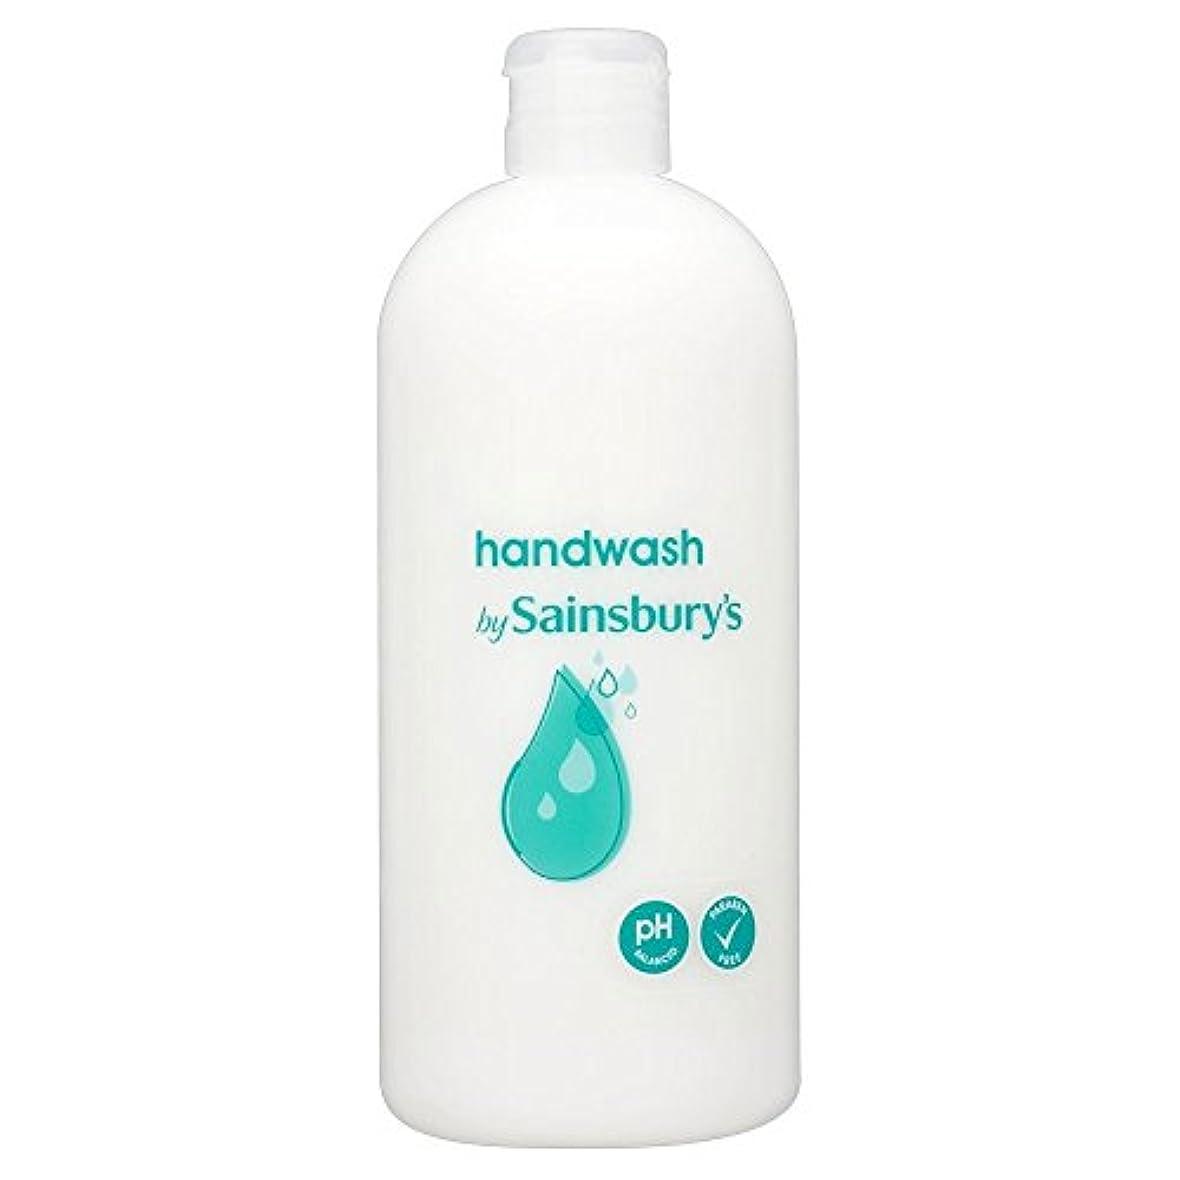 スリンク数学ポスト印象派Sainsbury's Handwash, White Refill 500ml (Pack of 4) - (Sainsbury's) 手洗い、白リフィル500ミリリットル (x4) [並行輸入品]